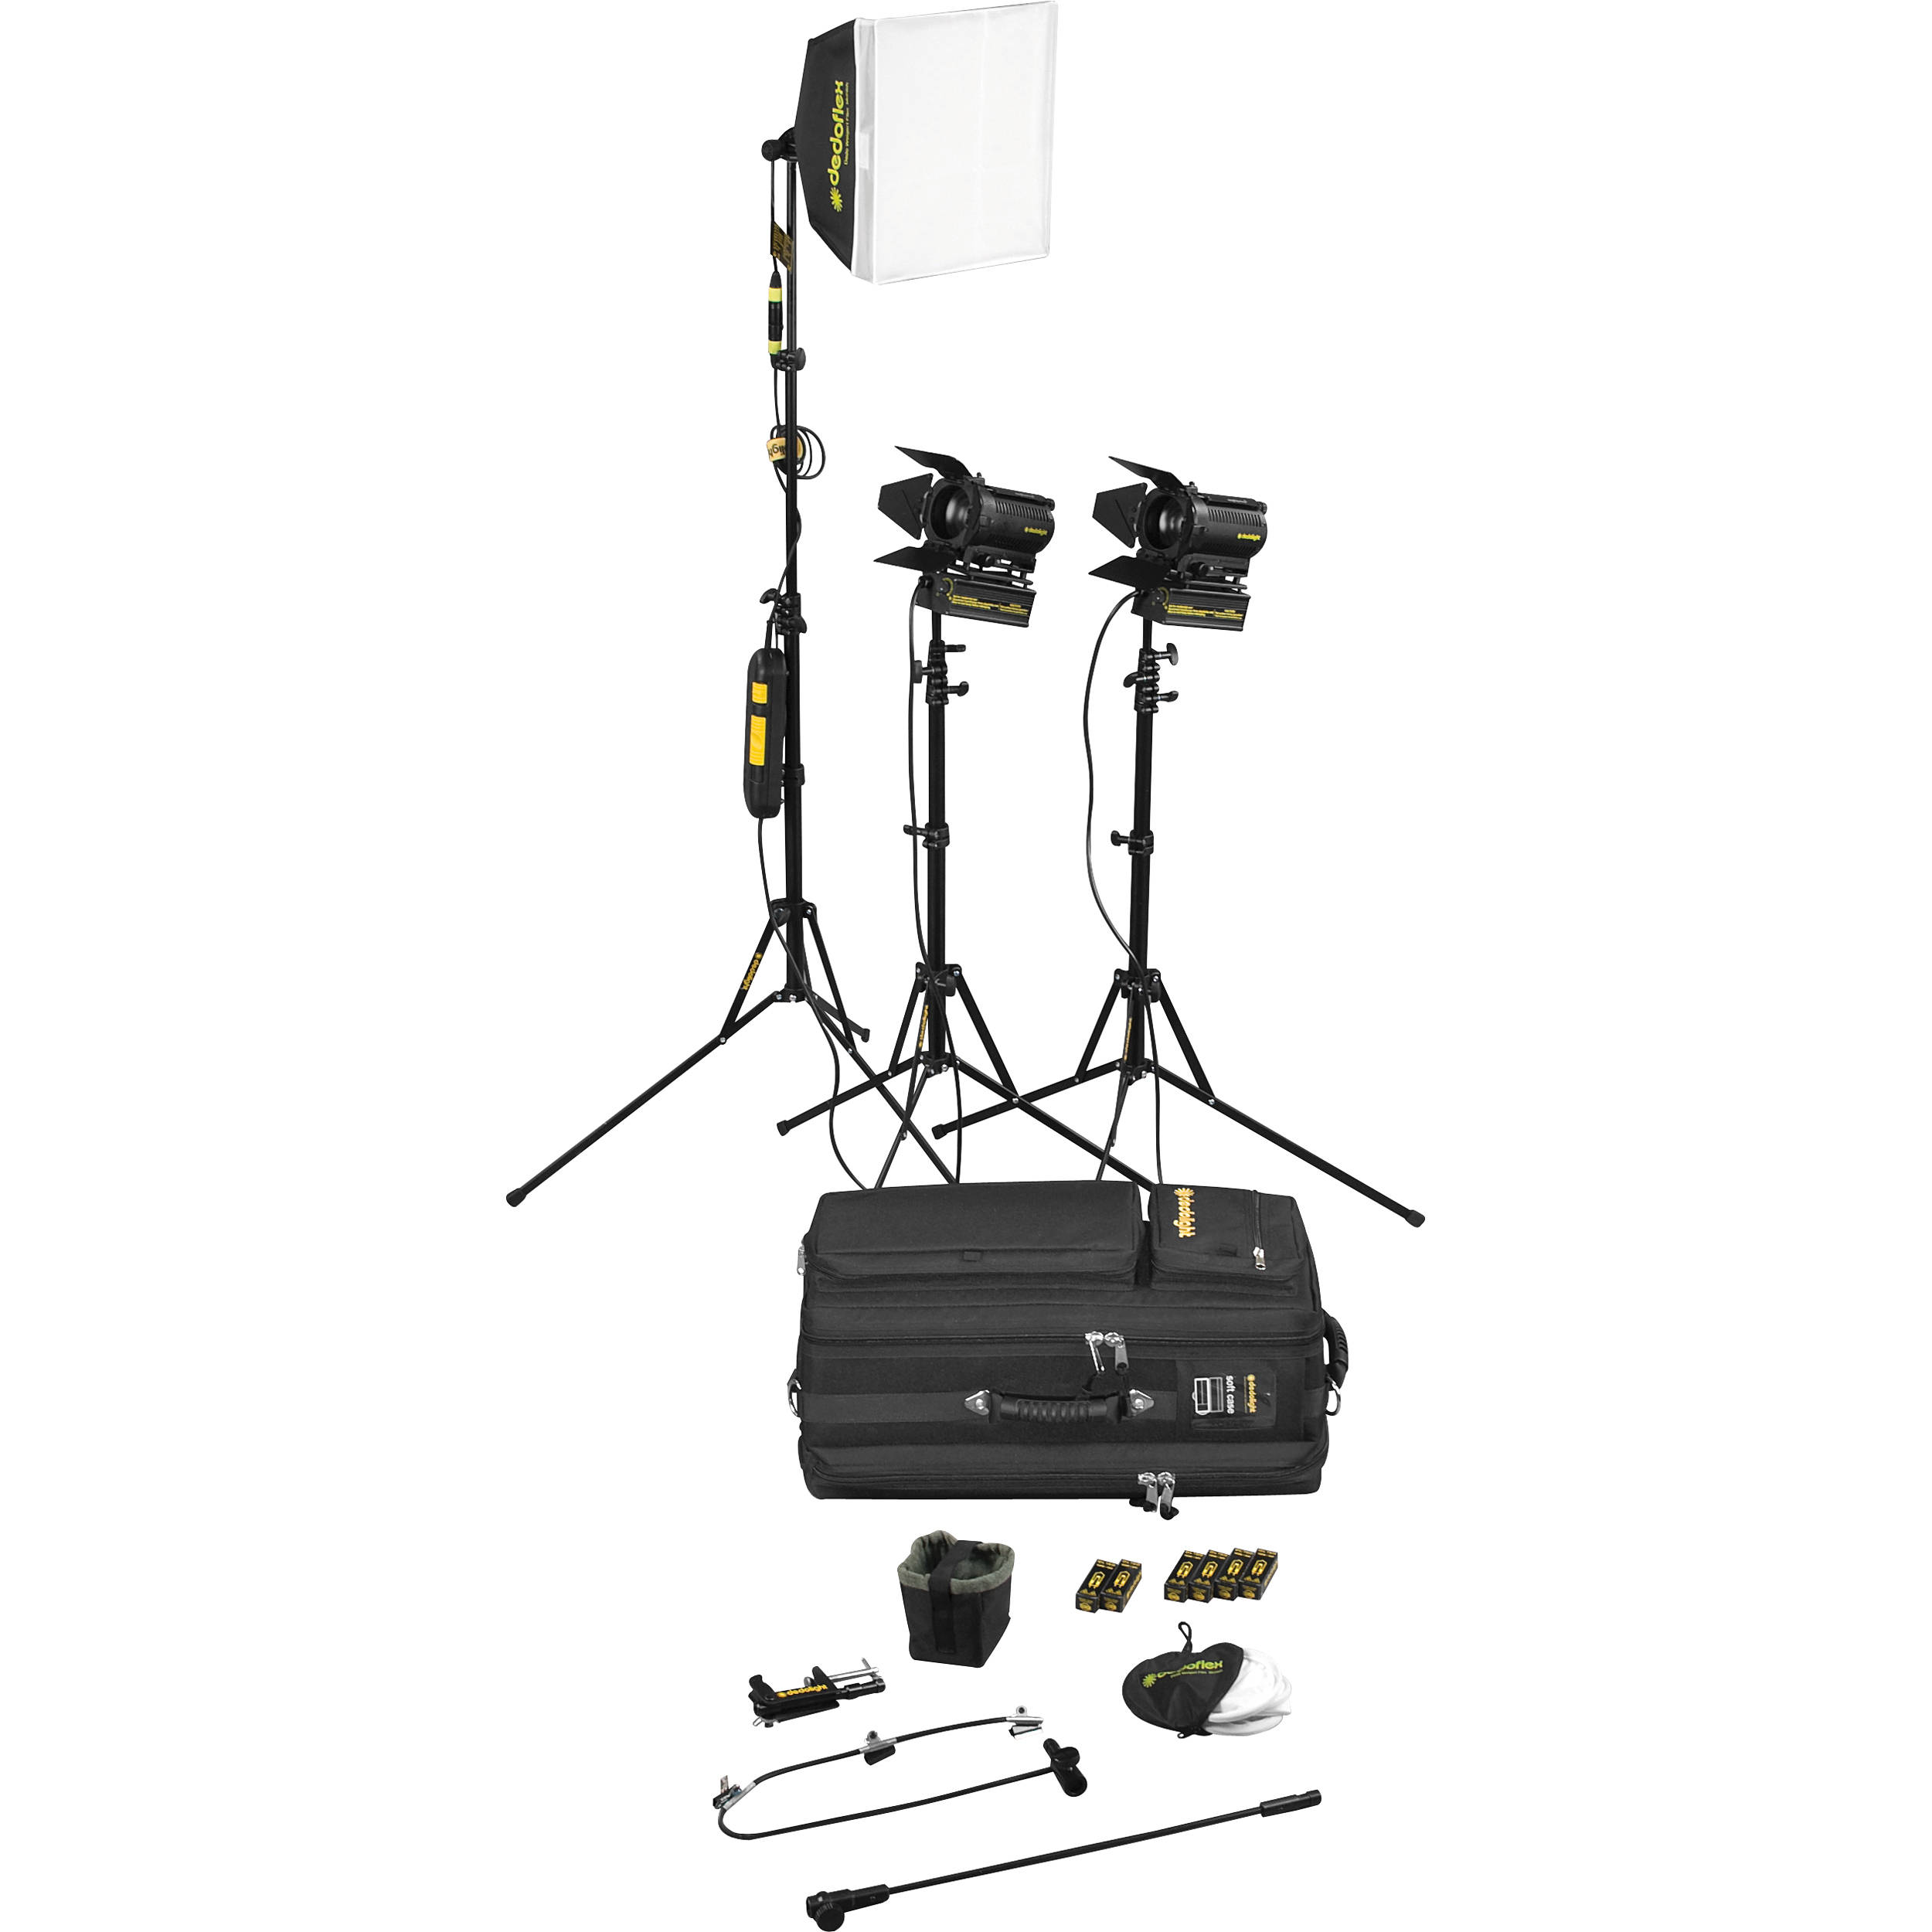 dedolight sps3e 3 light portable lighting kit 230v